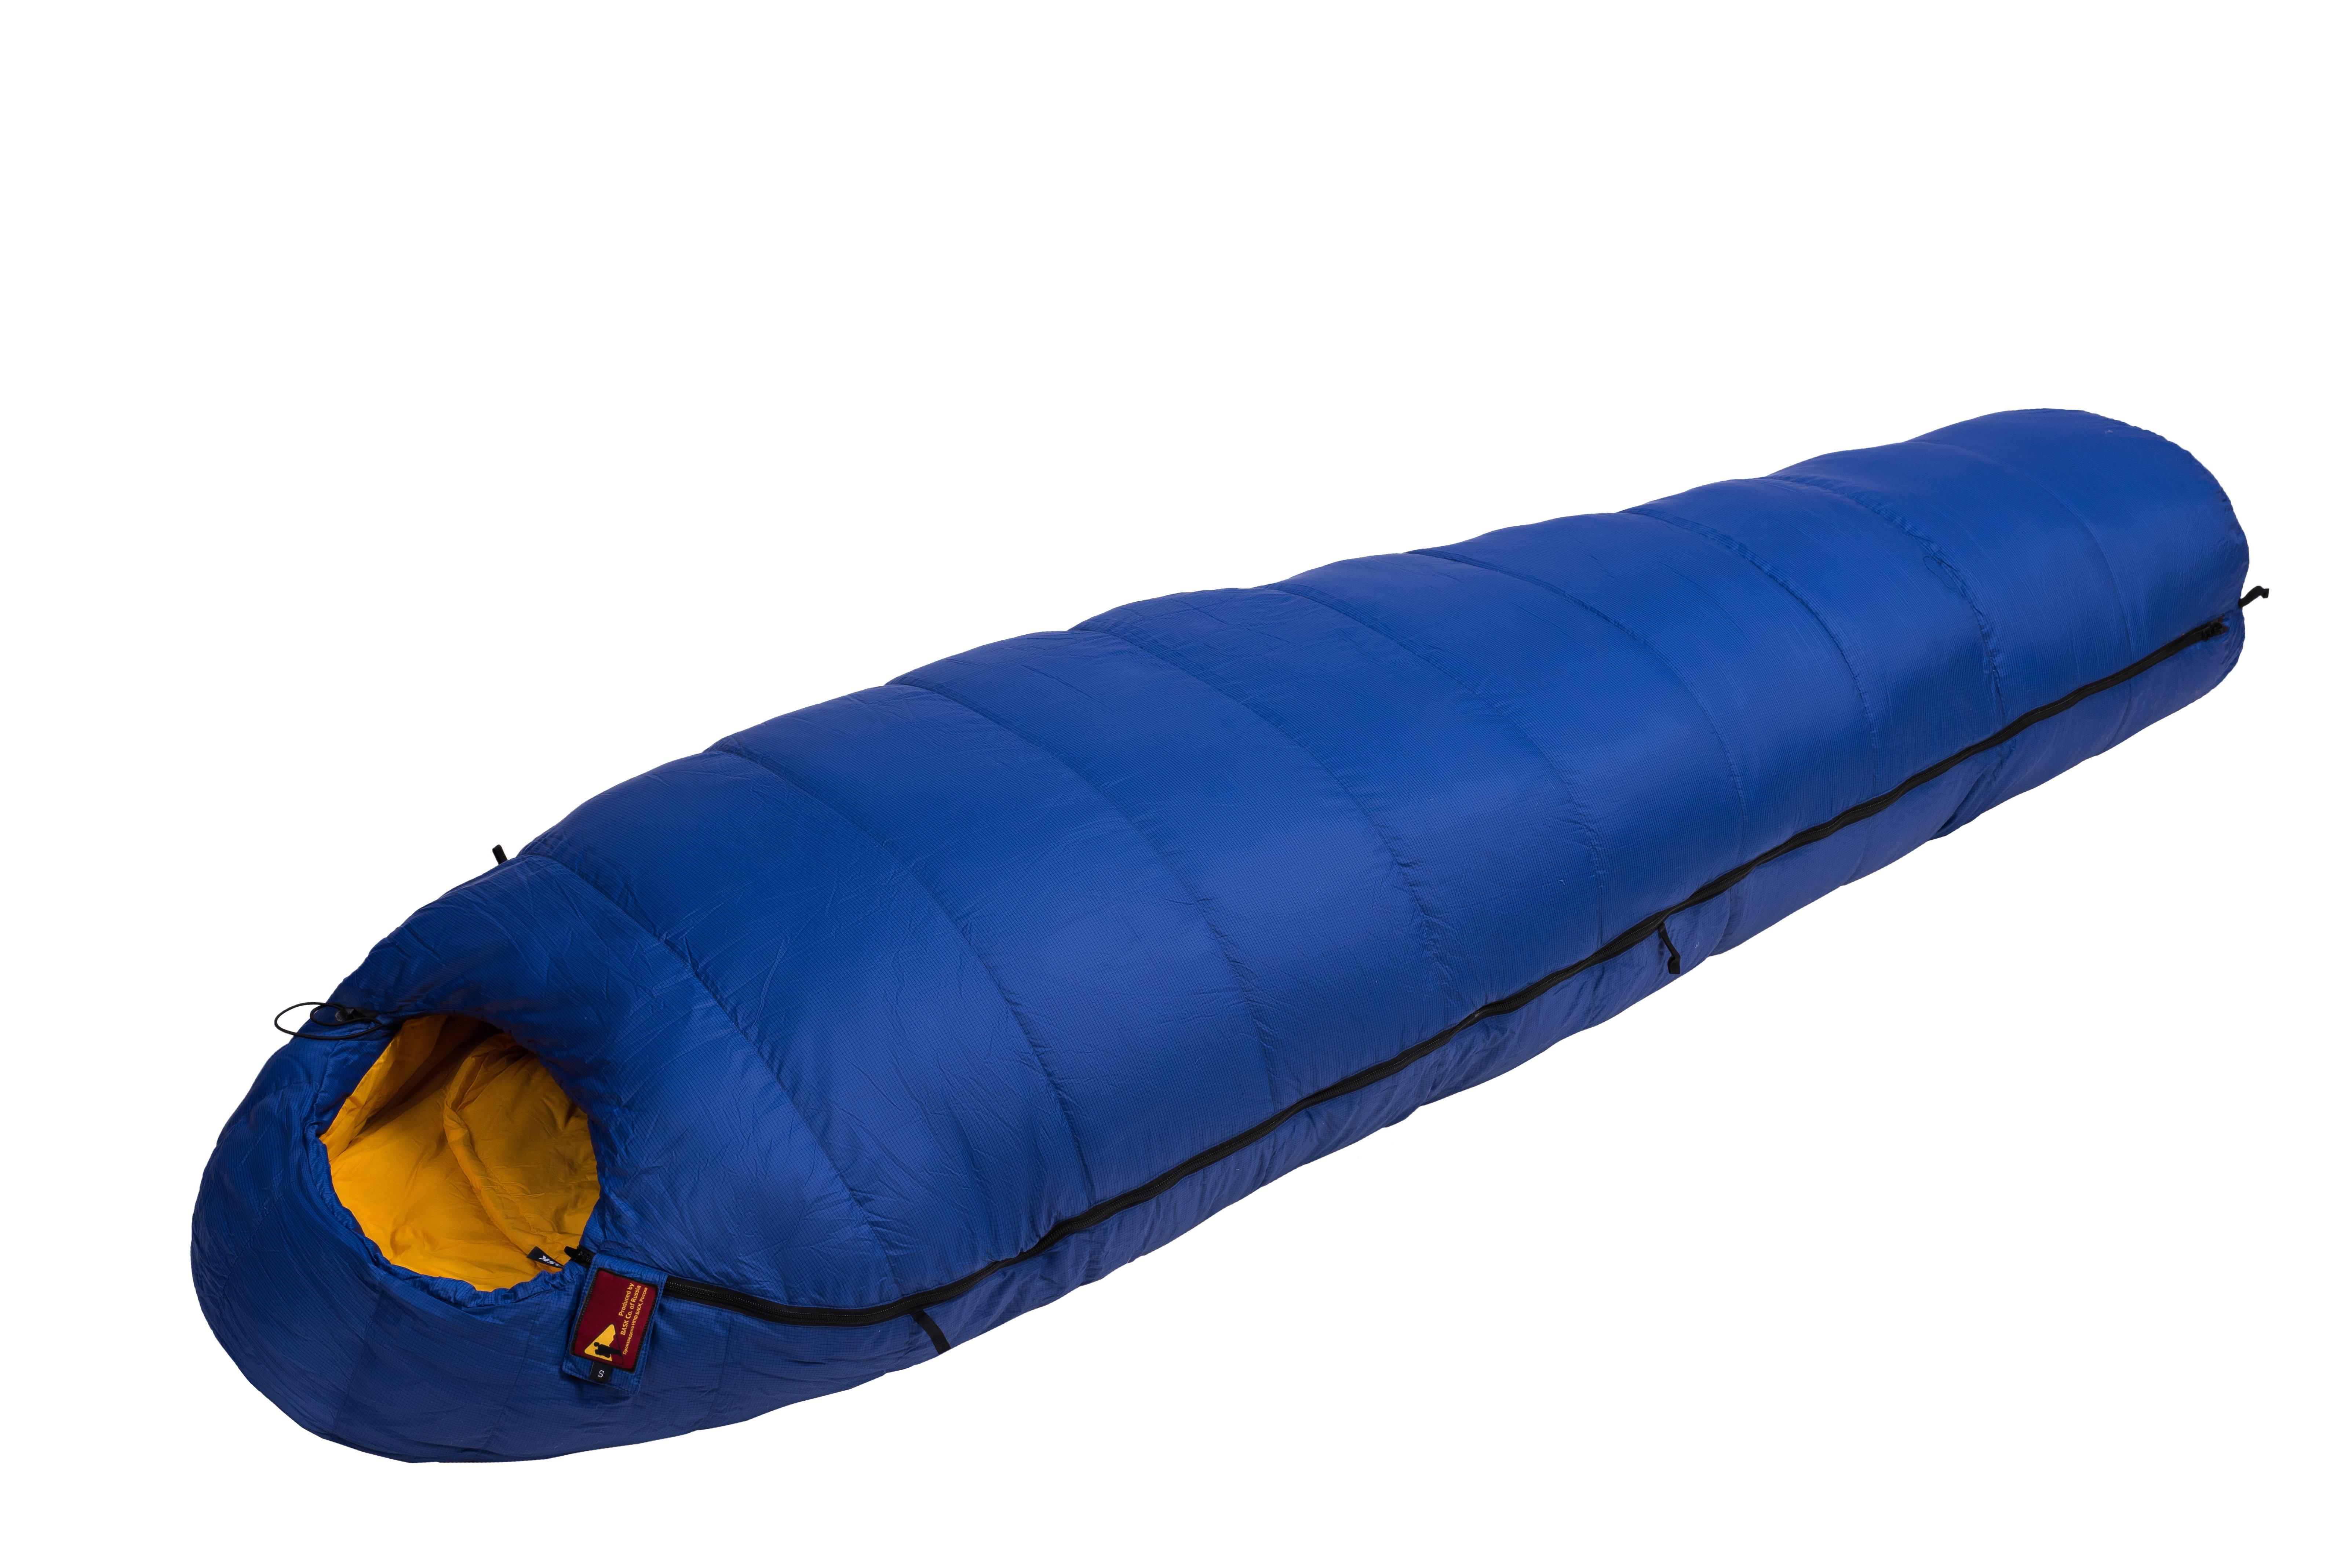 Спальный мешок BASK PAMIRS 600+FP XL 1692aПуховой спальный мешок в форме кокона для экстремальных условий -30 &amp;ordm;С&amp;nbsp;<br><br>Верхняя ткань: Advance® Classic<br>Вес без упаковки: 1540<br>Вес упаковки: 150<br>Вес утеплителя: 903<br>Внутренняя ткань: Advance® Classic<br>Назначение: экстремальный<br>Наличие карманов: Да<br>Наполнитель: пух<br>Нижняя температура комфорта °C: -11<br>Подголовник/Капюшон: Да<br>Показатель Fill Power (для пуховых изделий): 670<br>Пол: унисекс<br>Размер в упакованном виде (диаметр х длина): 24x50<br>Размеры наружные (внутренние): 228х205х85х58<br>Система расположения слоев утеплителя или пуховых пакетов: смещенные швы<br>Температура комфорта °C: -4<br>Тесьма вдоль планки: Да<br>Тип молнии: двухзамковая-разъёмная<br>Тип утеплителя: натуральный<br>Утеплитель: гусиный пух<br>Утепляющая планка: Да<br>Форма: кокон<br>Шейный пакет: Да<br>Экстремальная температура °C: -30<br>Размер RU: R<br>Цвет: СИНИЙ